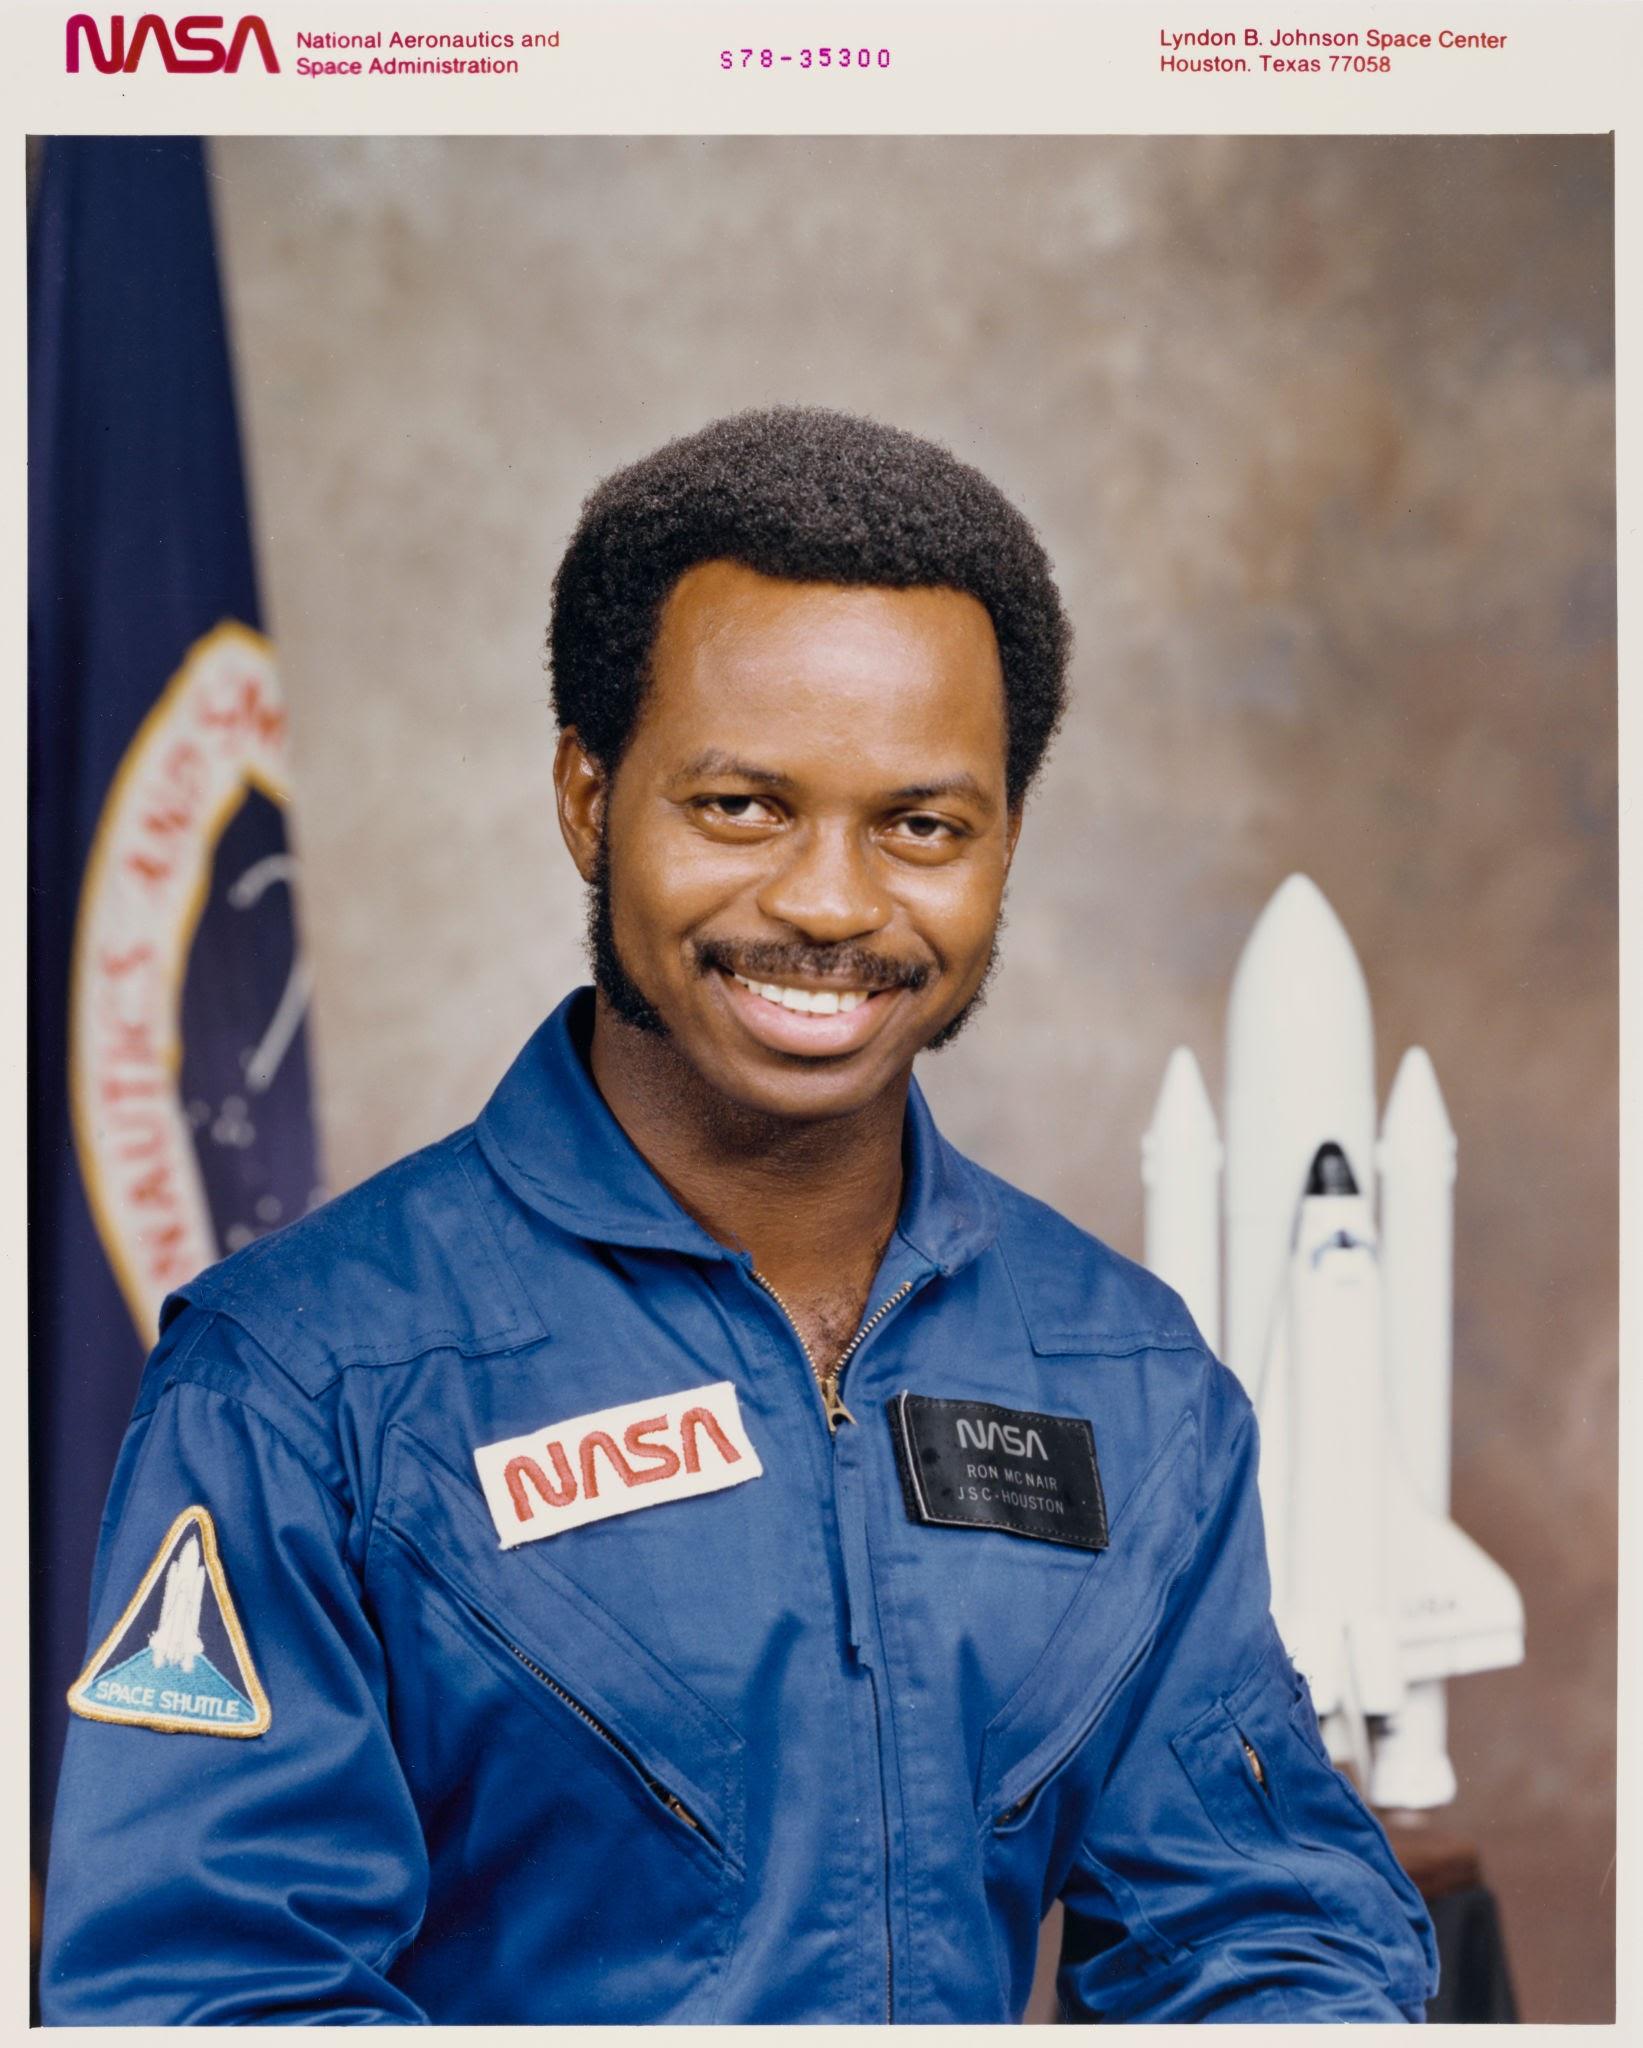 """Denomina Javier López Díaz como """"chango"""" a astronauta afroamericano del transbordador Challenger"""